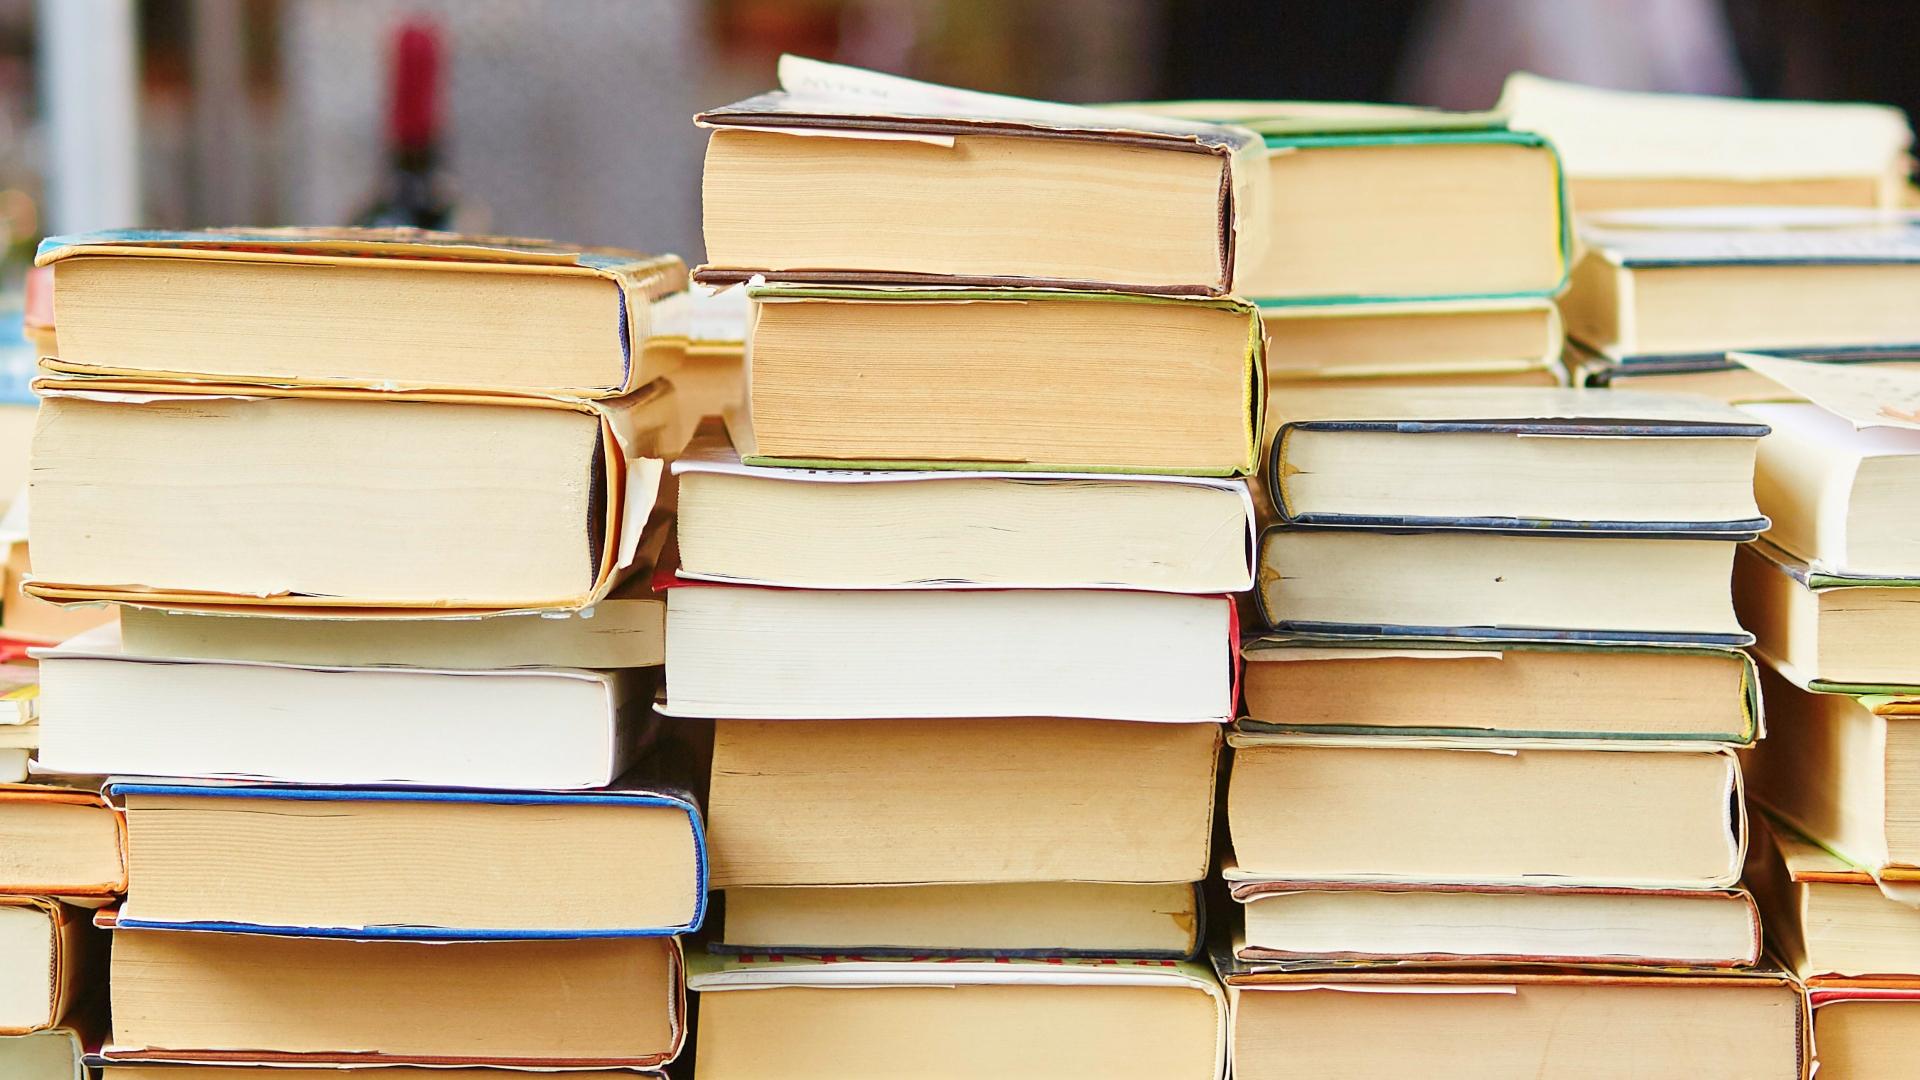 Libros para mujeres: ¿Cuáles son los mejores del 2020?